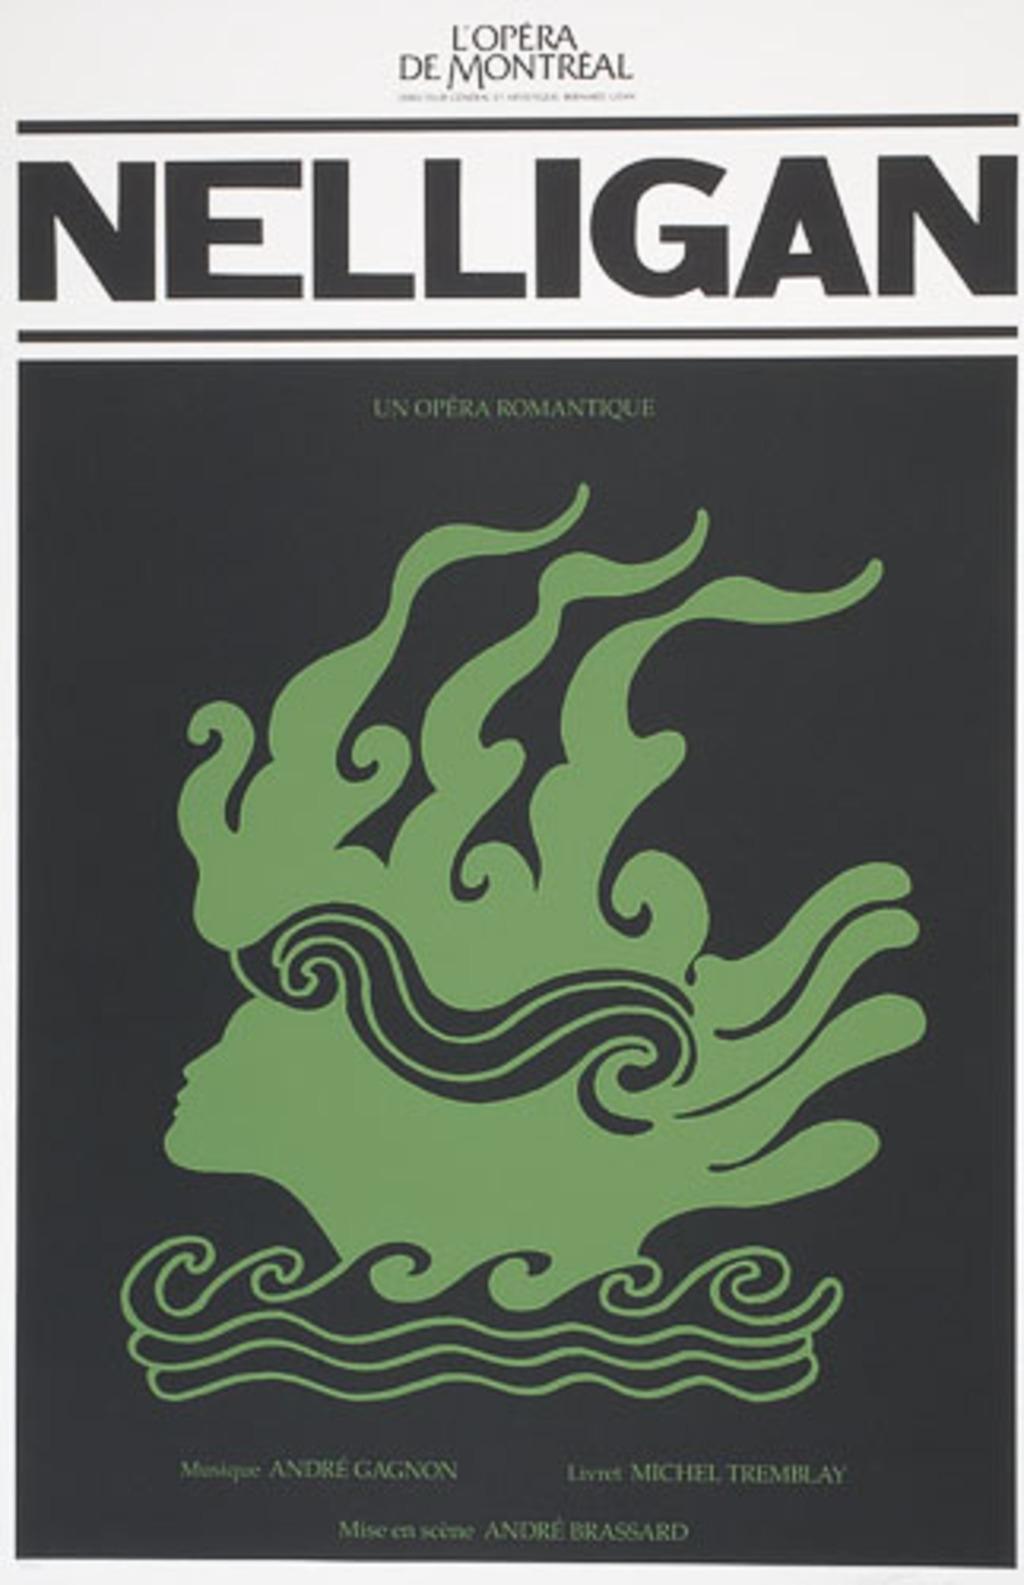 Affiche «Nelligan d'André Gagnon et de Michel Tremblay», de l'album L'Opéra Vittorio